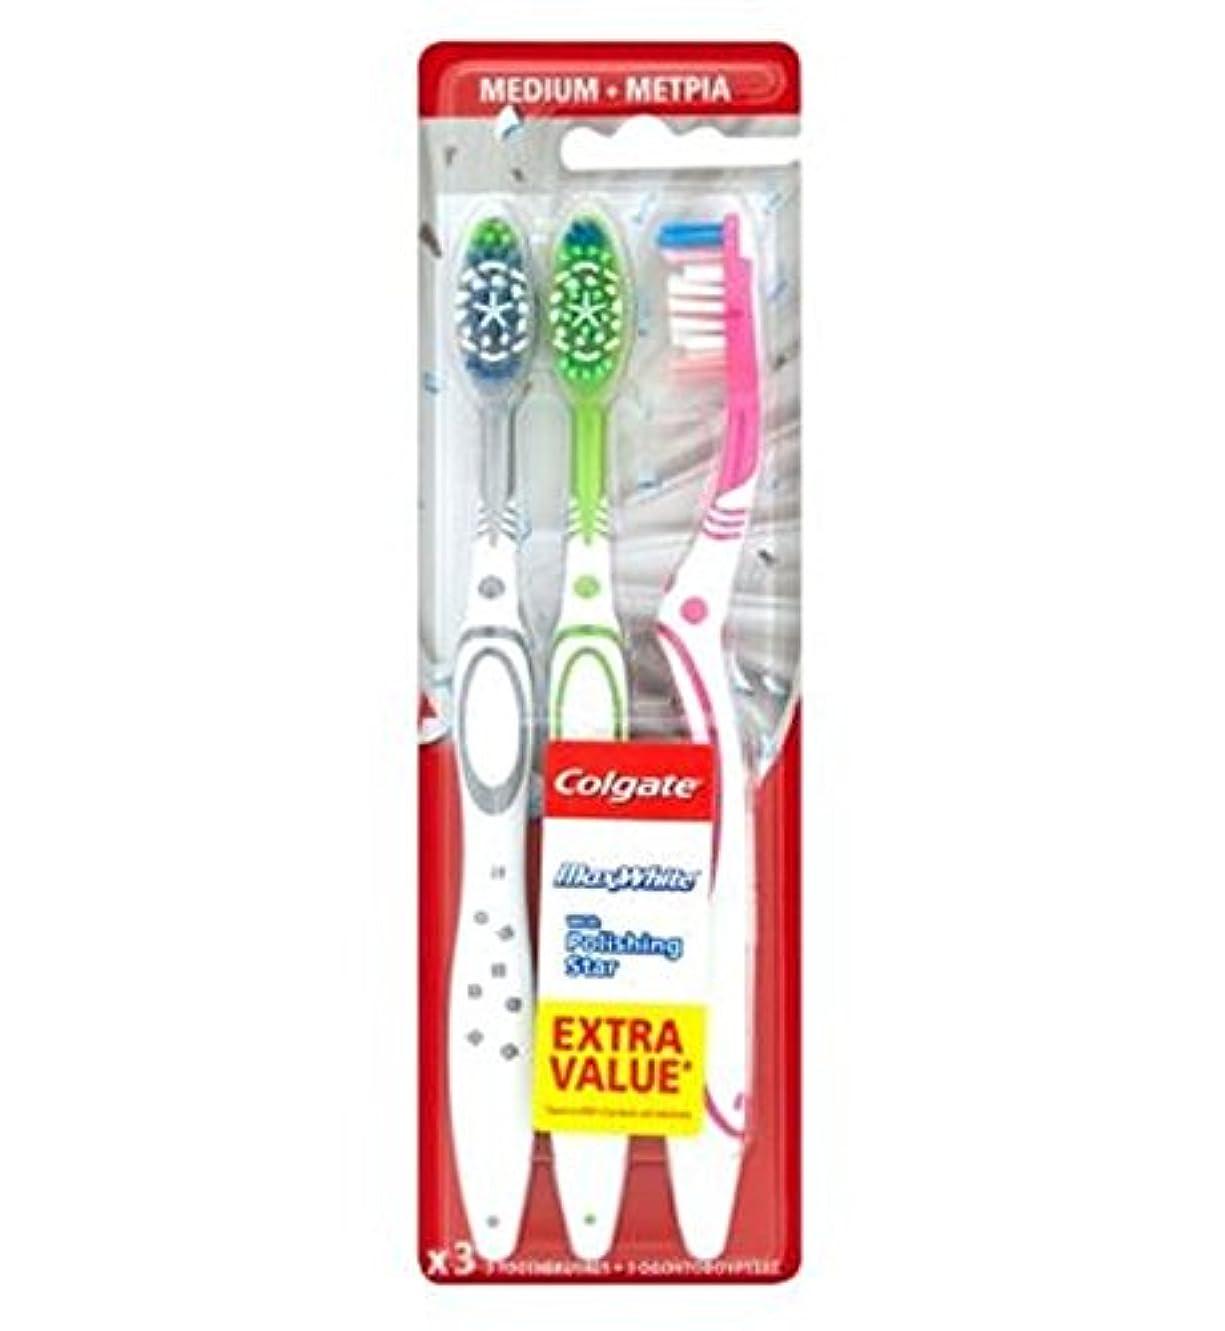 天窓夫検索エンジン最適化Colgate Max White Triple Pack toothbrush - コルゲートマックスホワイトトリプルパック歯ブラシ (Colgate) [並行輸入品]